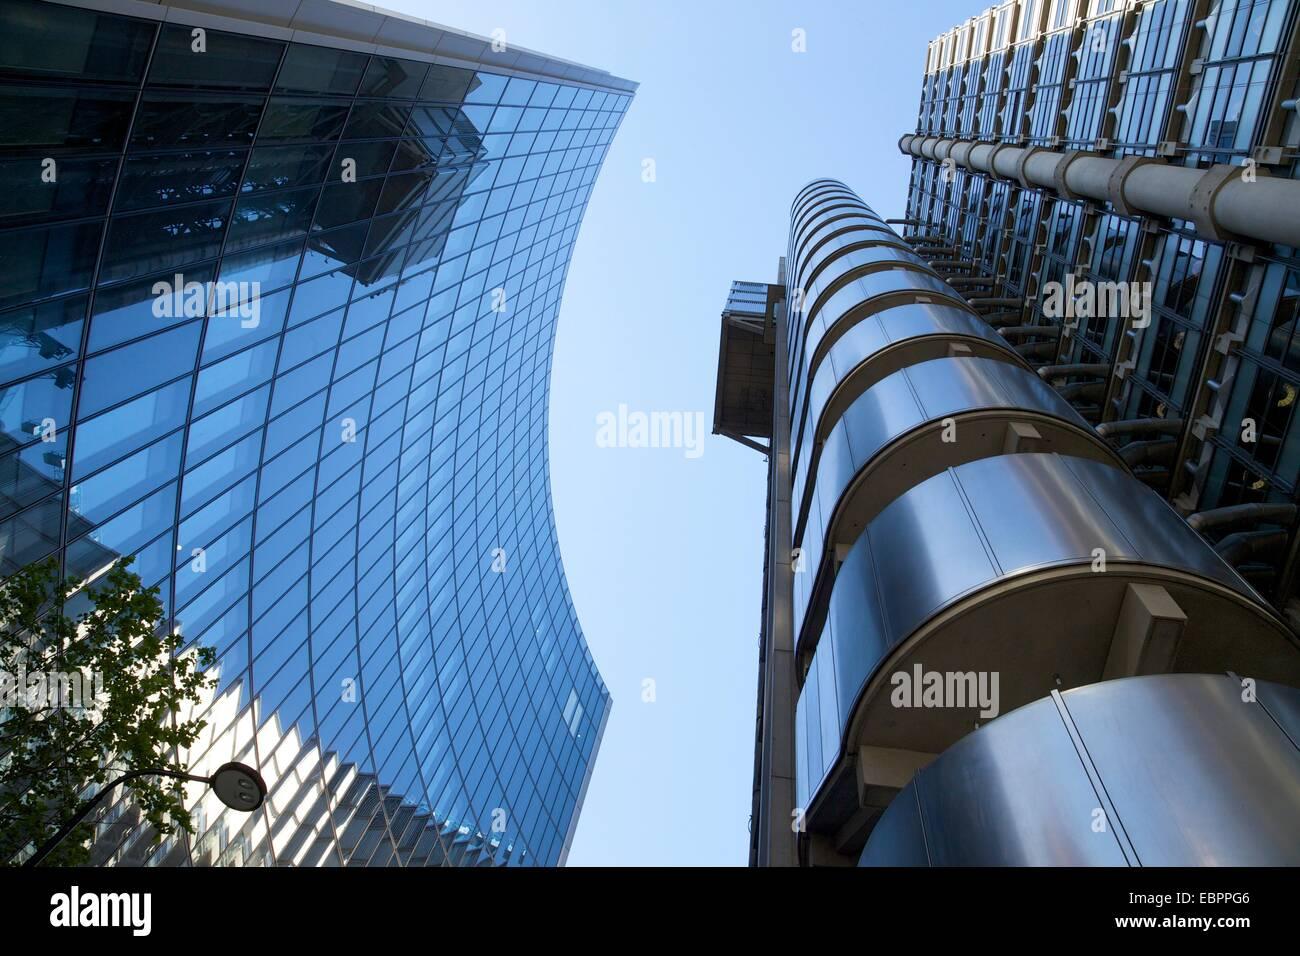 Lloyds e edifici Willis, il quartiere finanziario, la città di Londra, Inghilterra, Regno Unito, Europa Immagini Stock